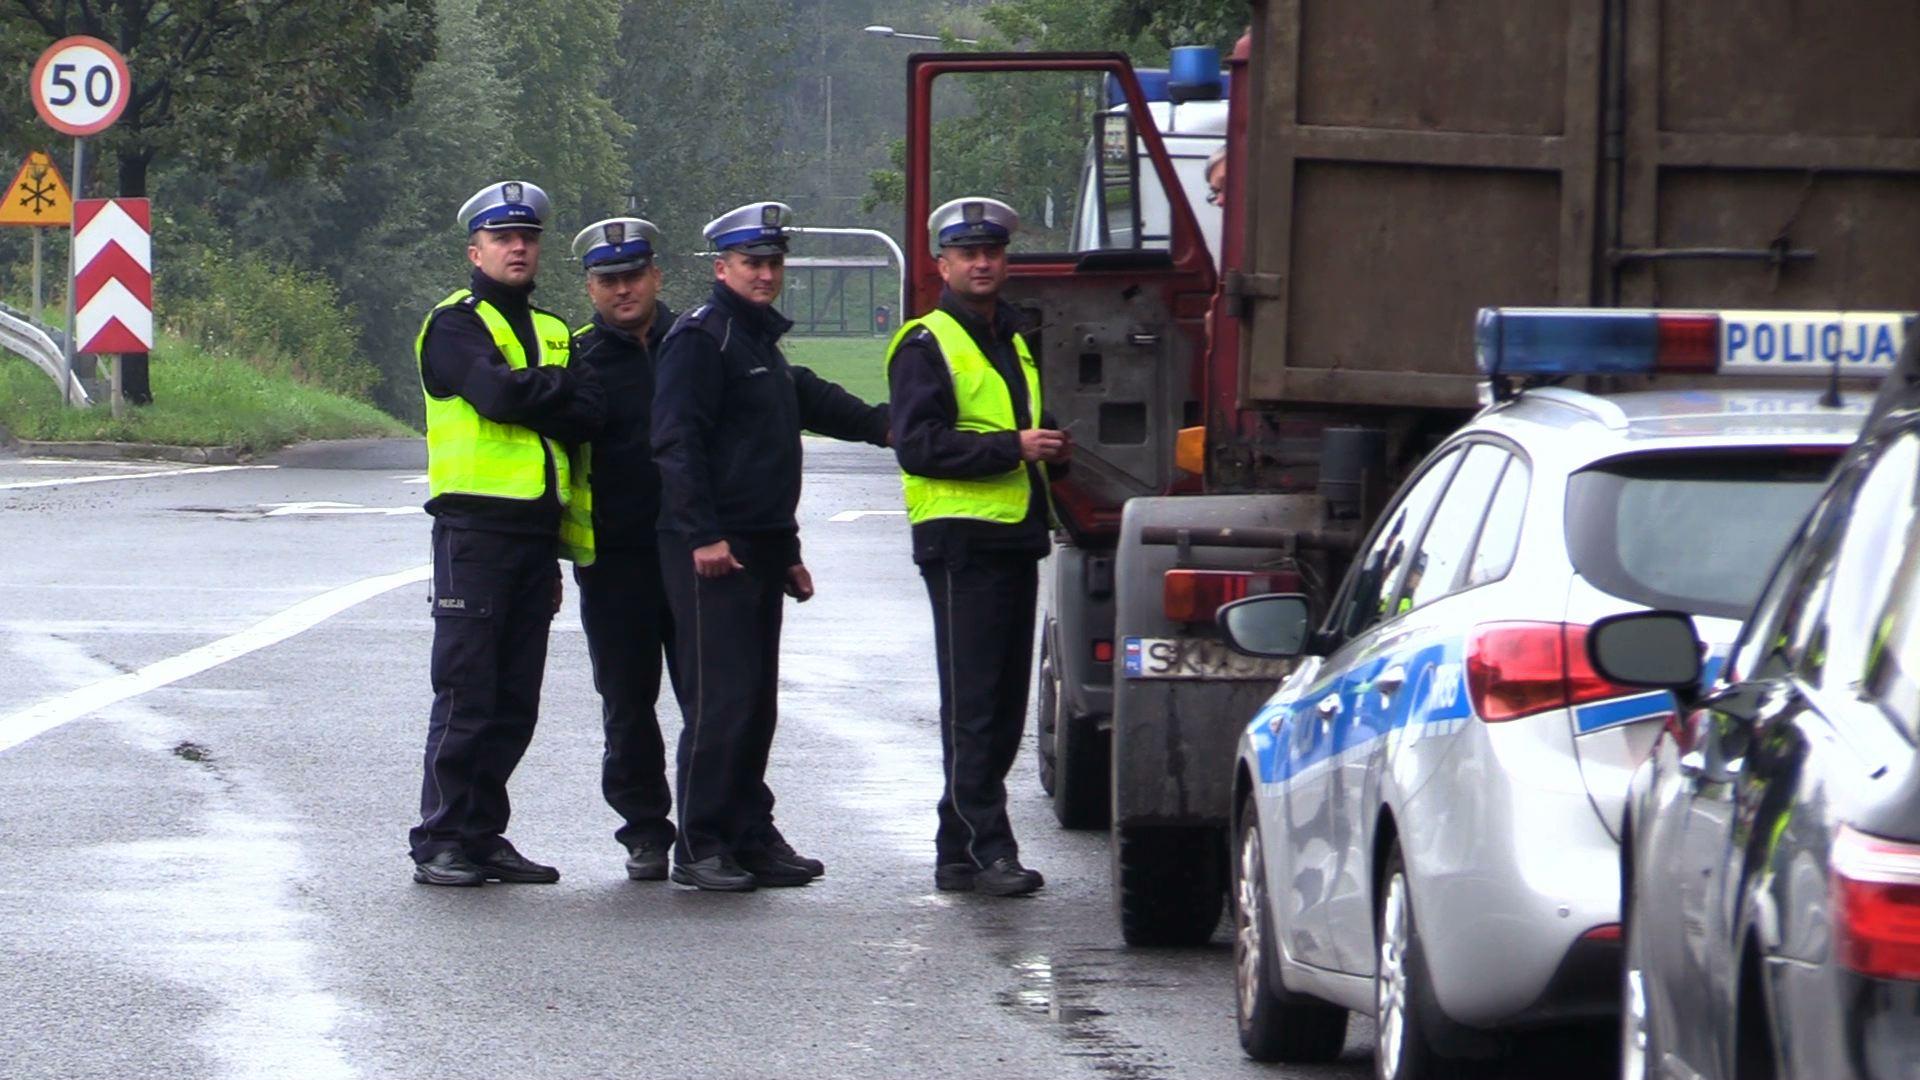 Chorzów: Zabrali mu prawo jazdy, więc kupił sobie nowe i pokazał policji (fot.poglądowe - archiwum policji)